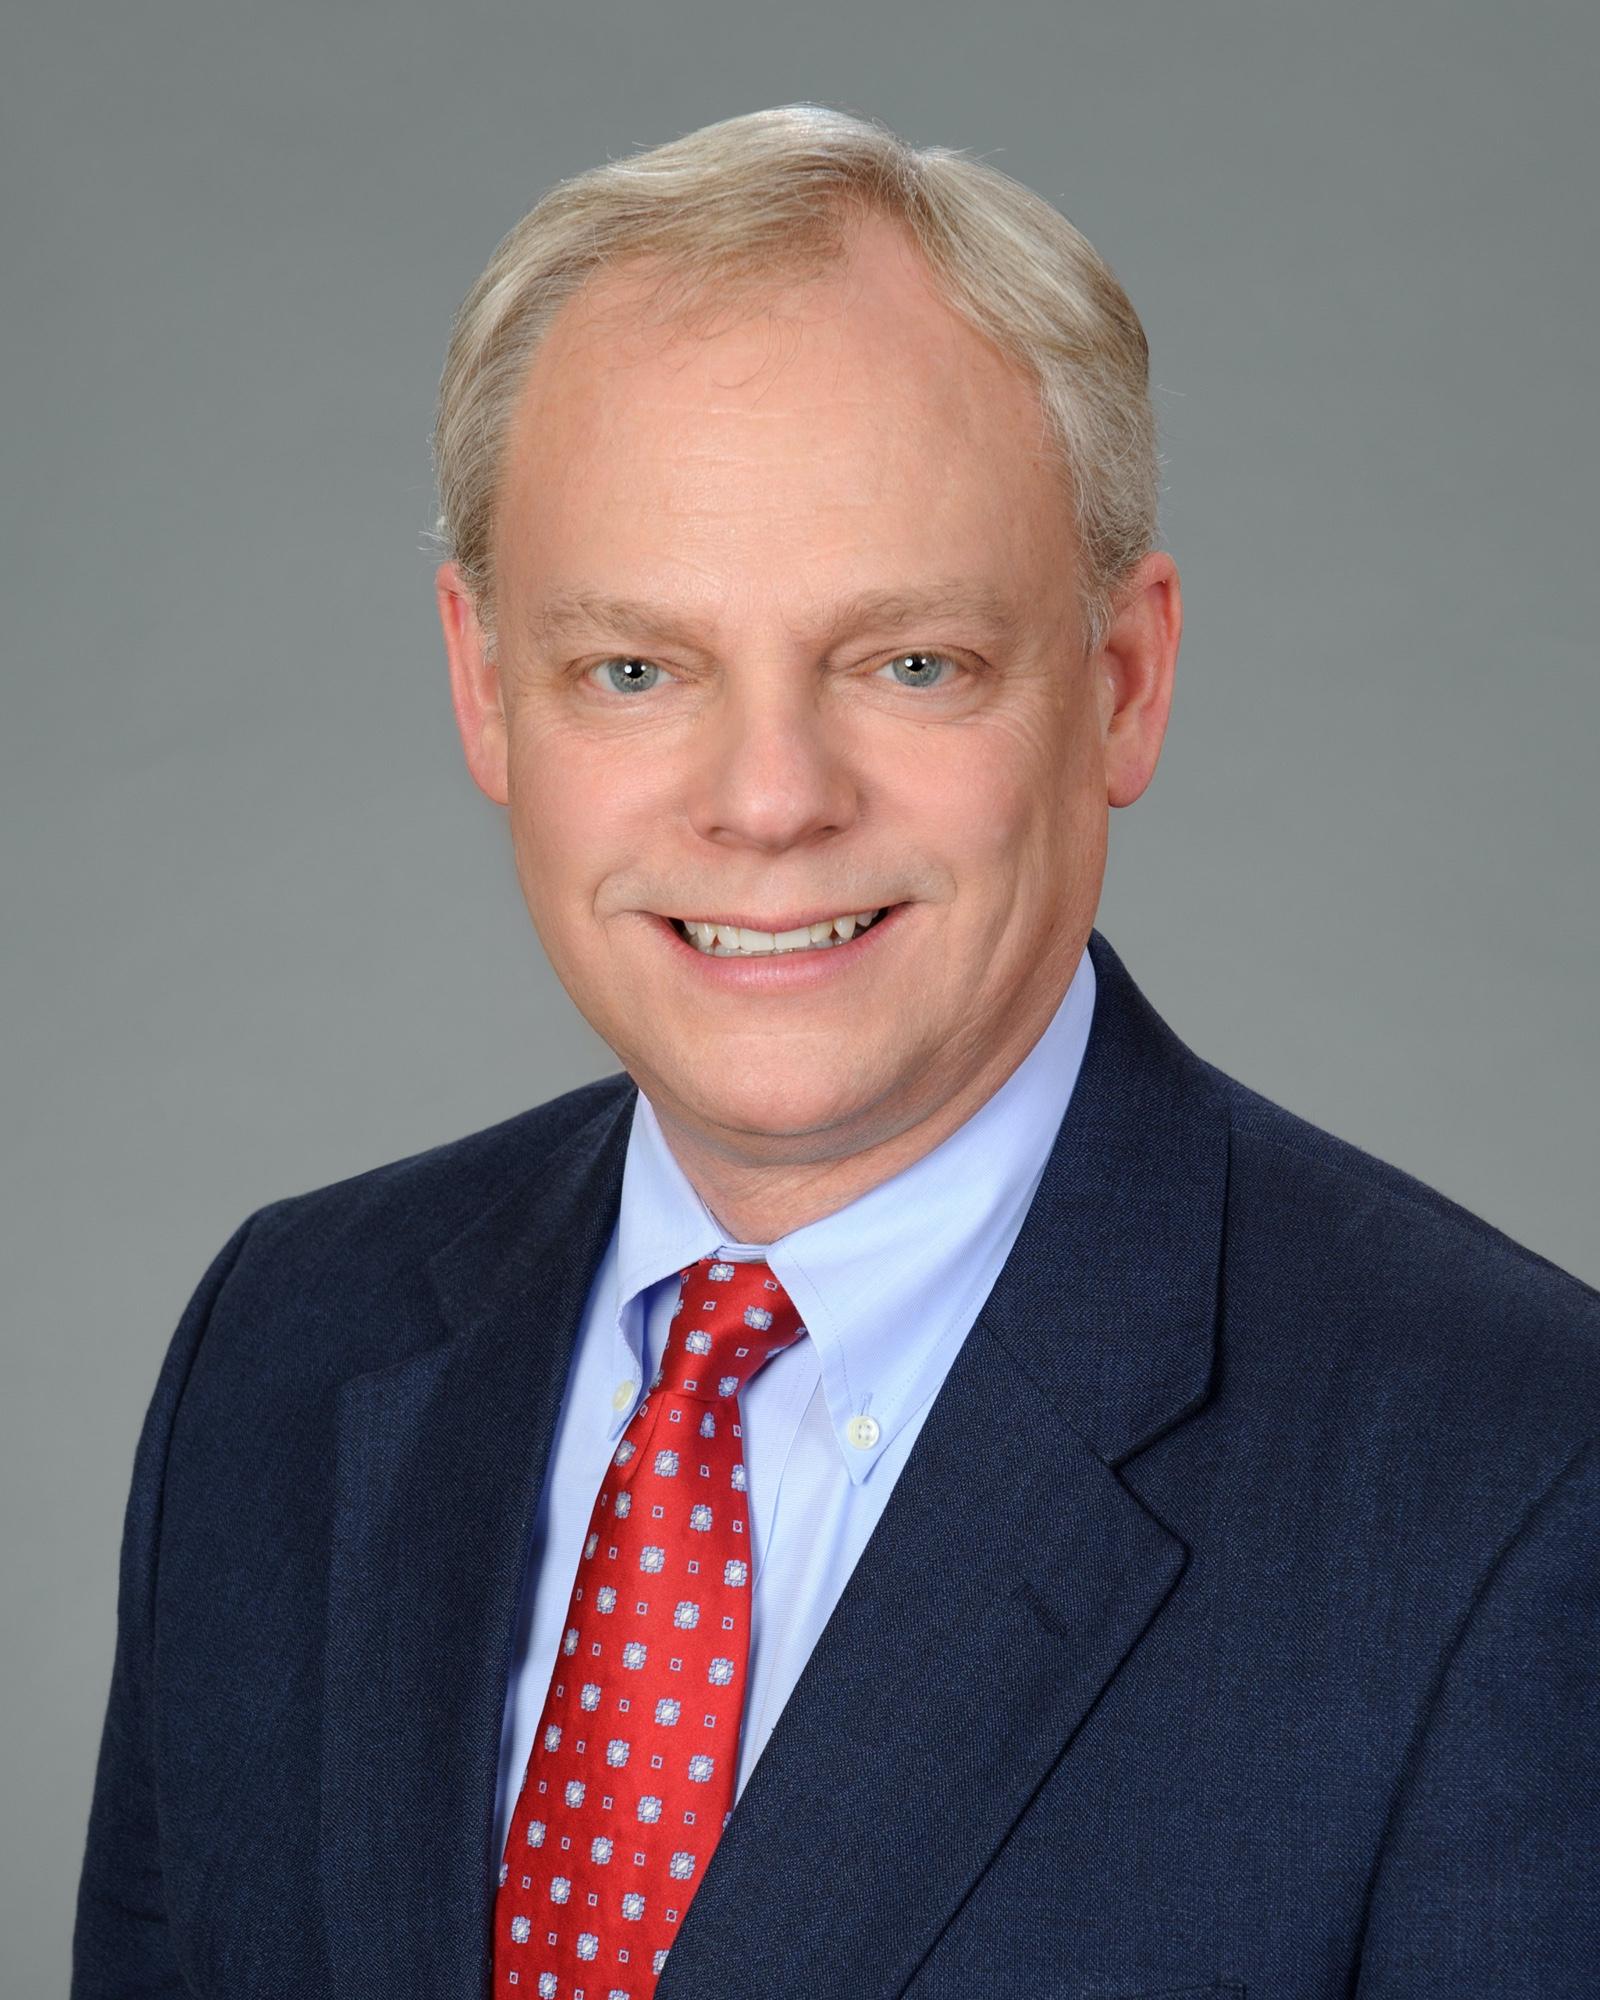 Rich Oglesby